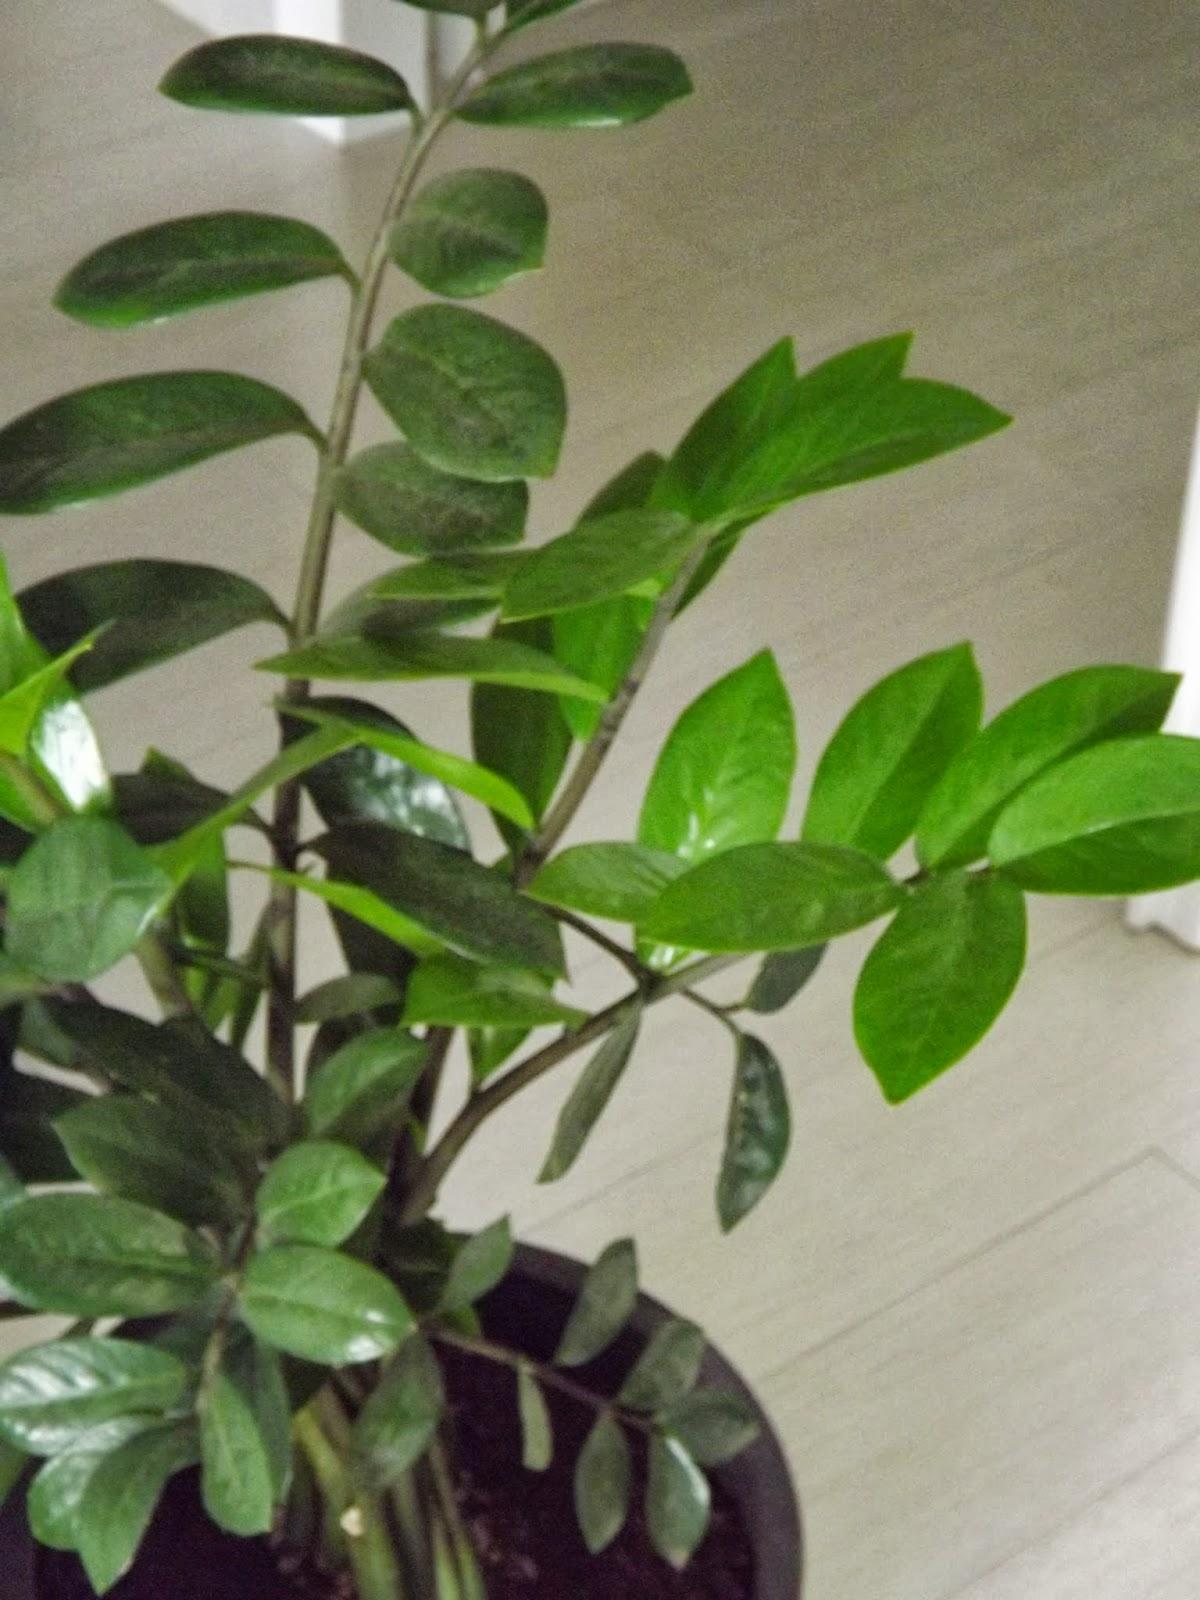 Un vergel en la ciudad plantas verdes for Plantas verdes de interior